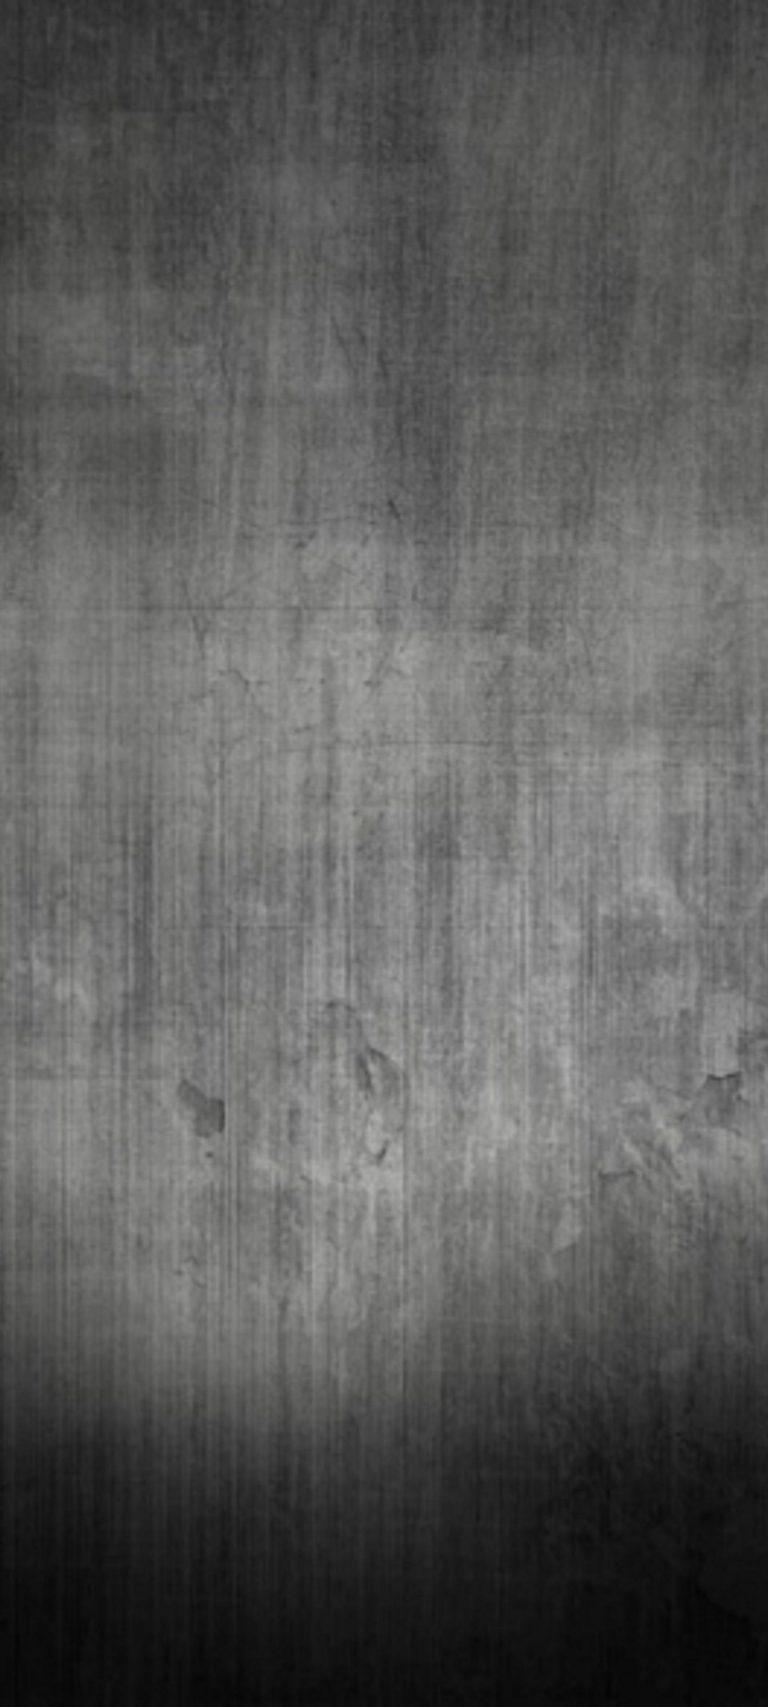 1440x3200 HD Wallpaper 175 768x1707 - 1440x3200 HD Wallpaper - 175